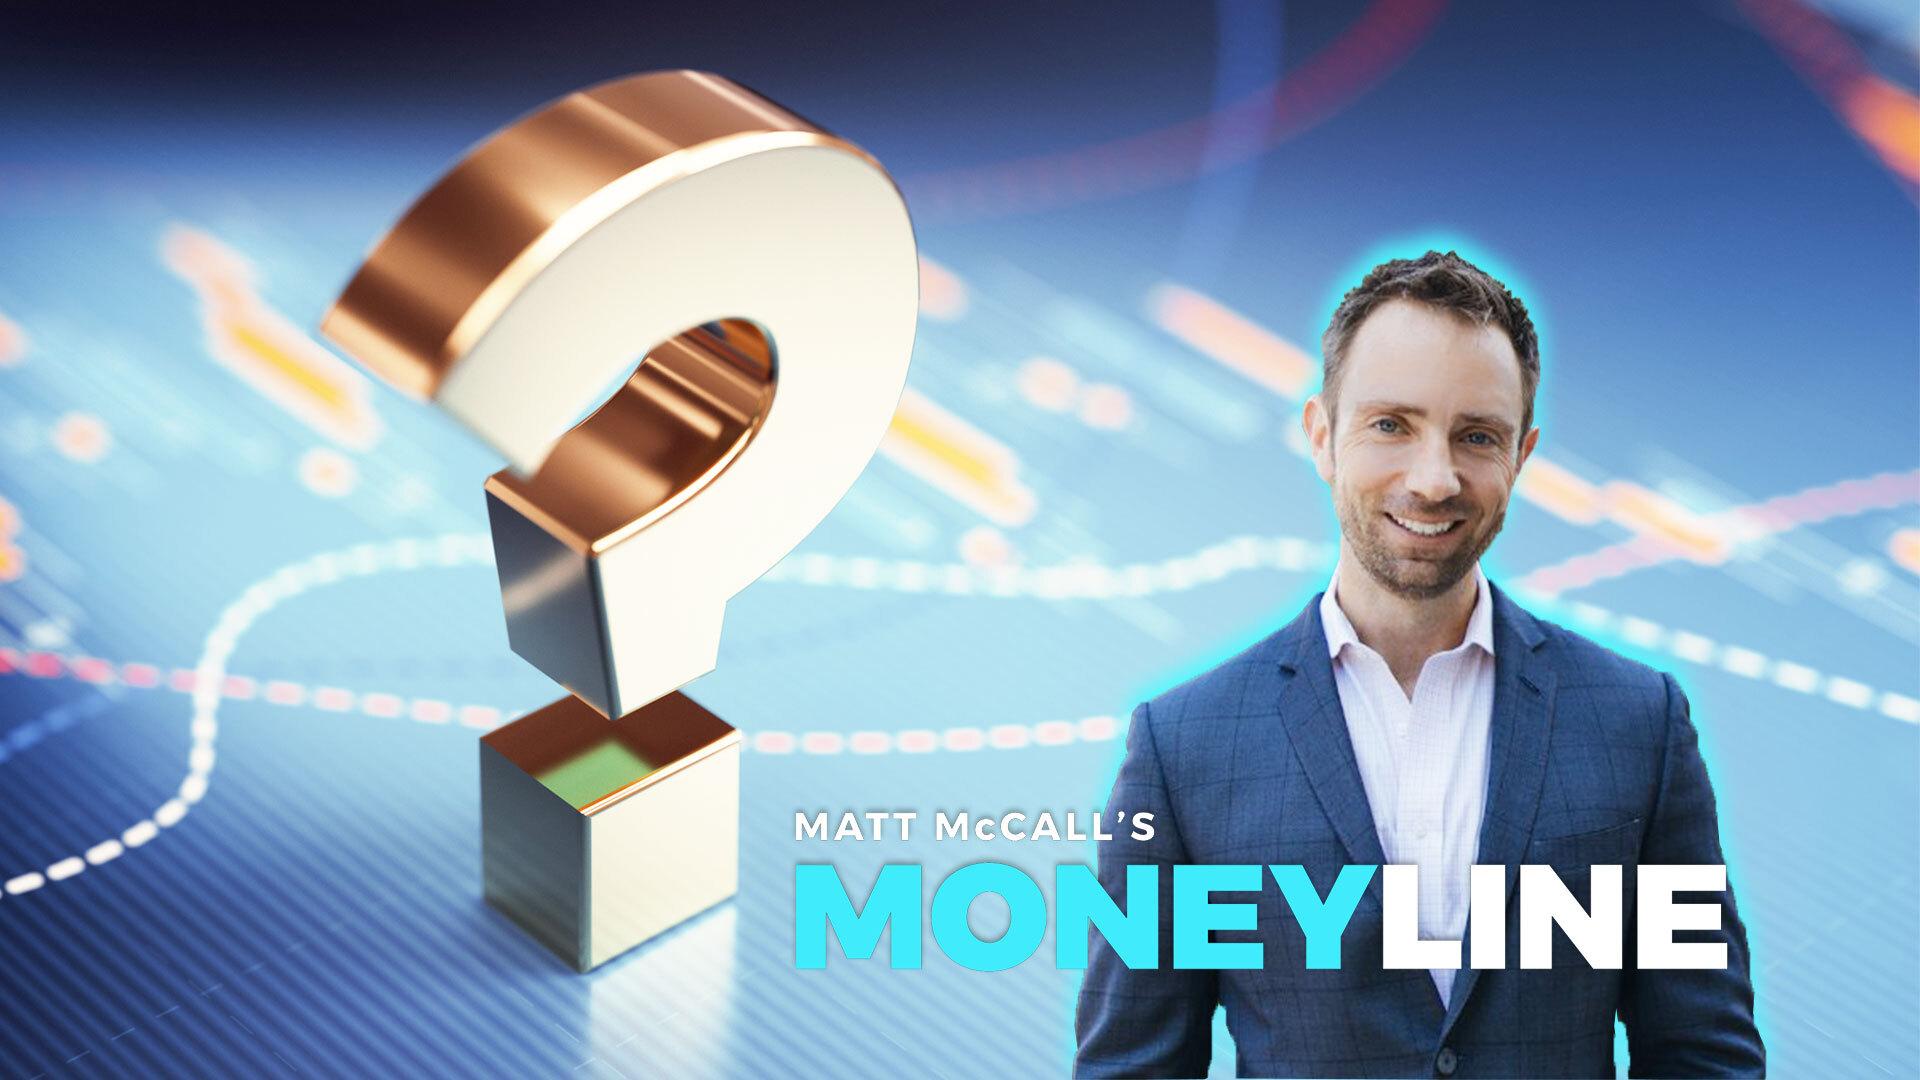 Matt McCall's Moneyline: Understanding the Stock Market Today